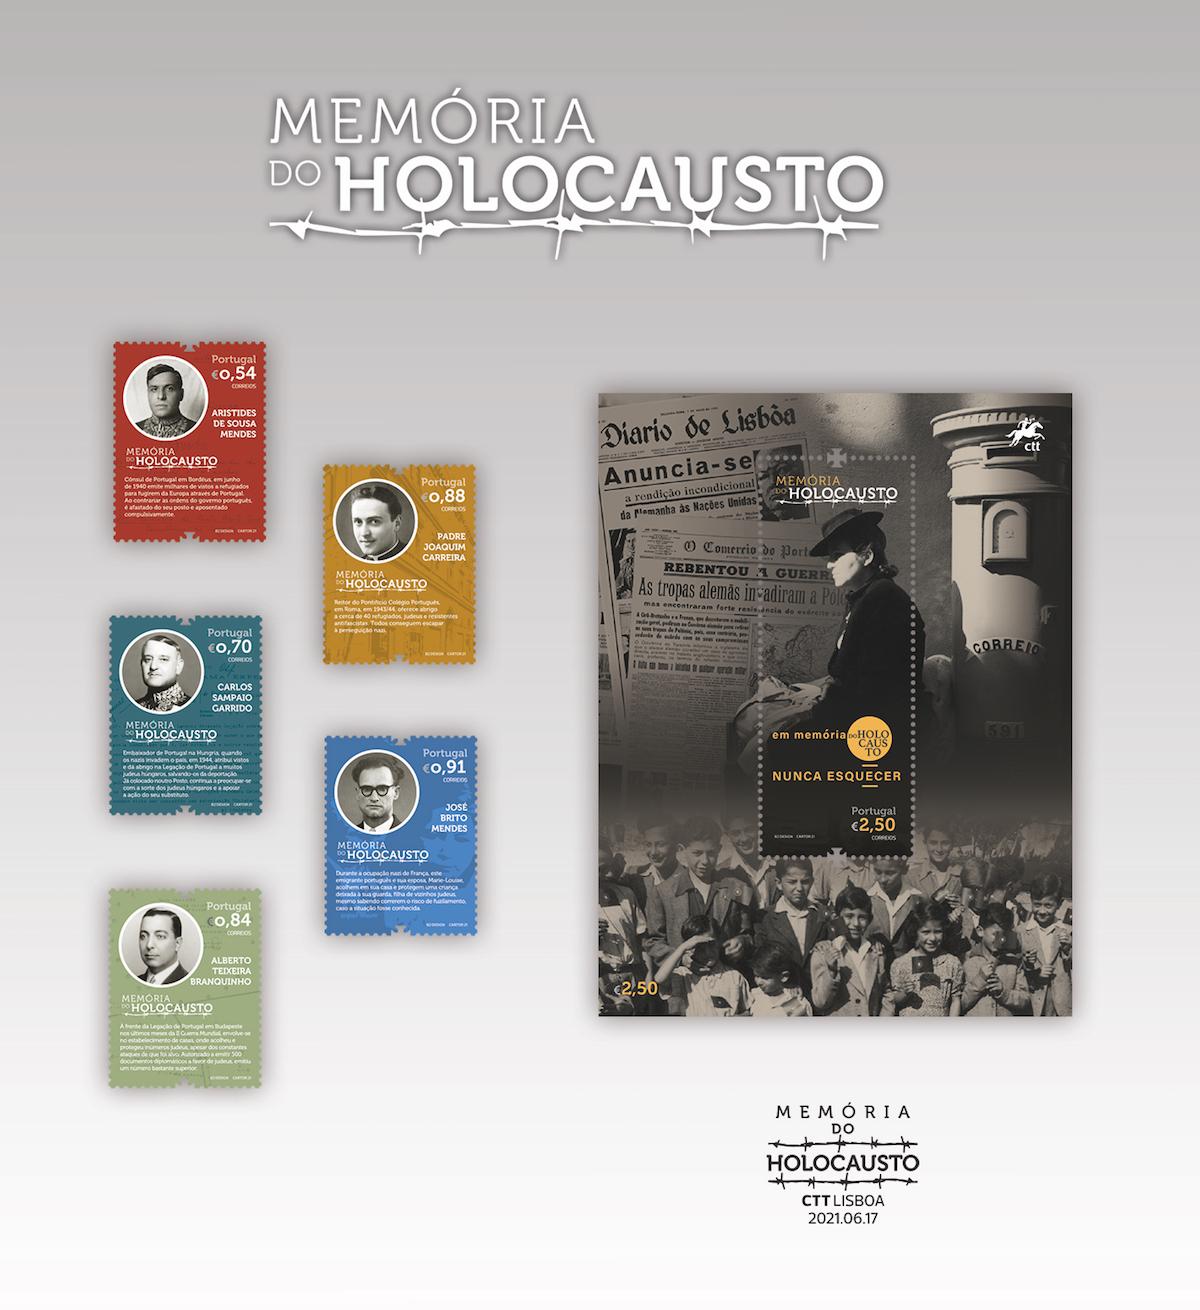 selos, memória, Holocausto, Aristides de Sousa Mendes, Carlos Sampaio Garrido, Alberto Teixeira Branquinho, padre Joaquim Carreira e José Brito Mendes.